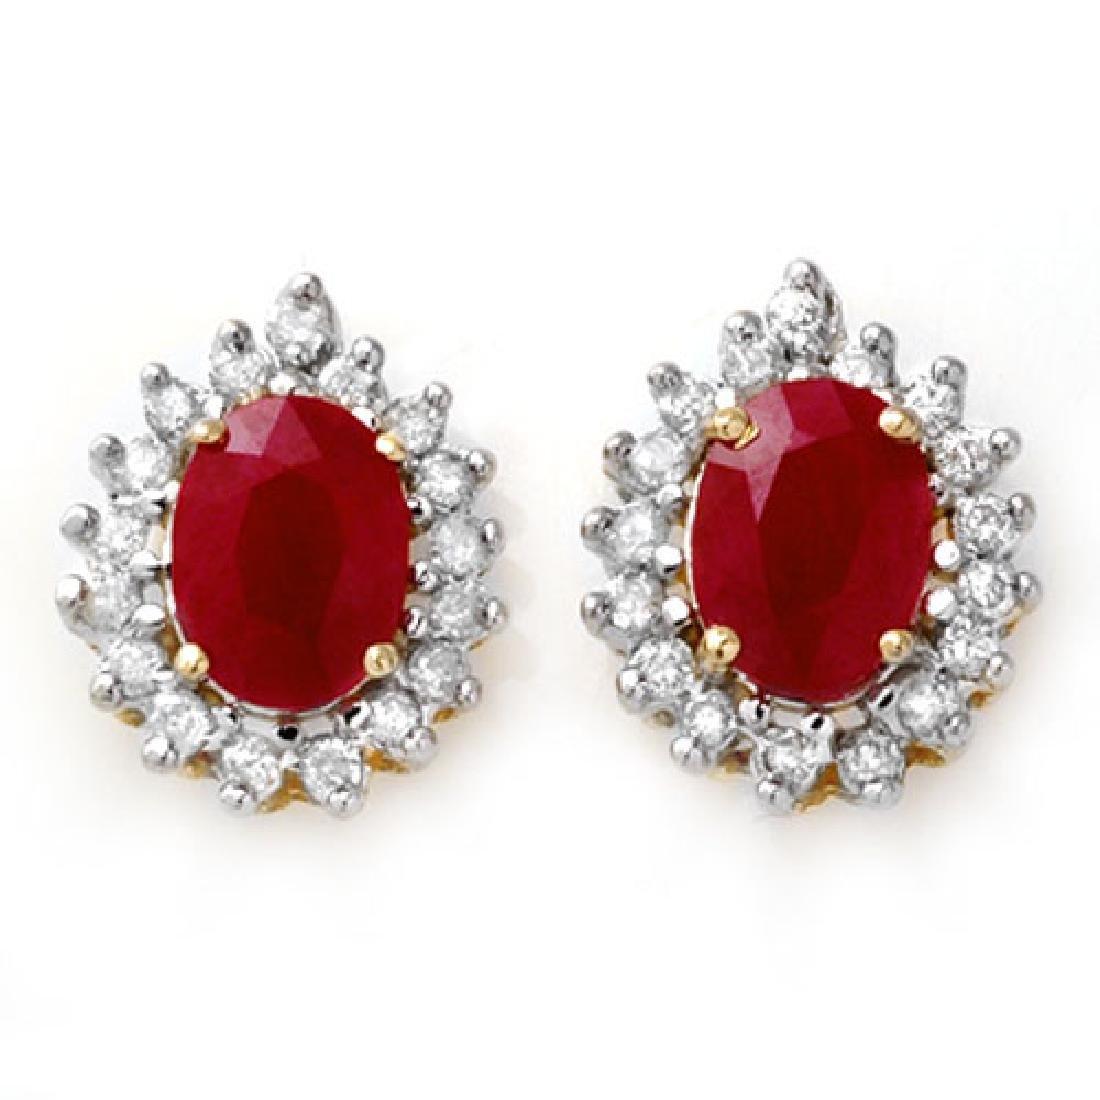 4.44 CTW Ruby & Diamond Earrings 14K Yellow Gold